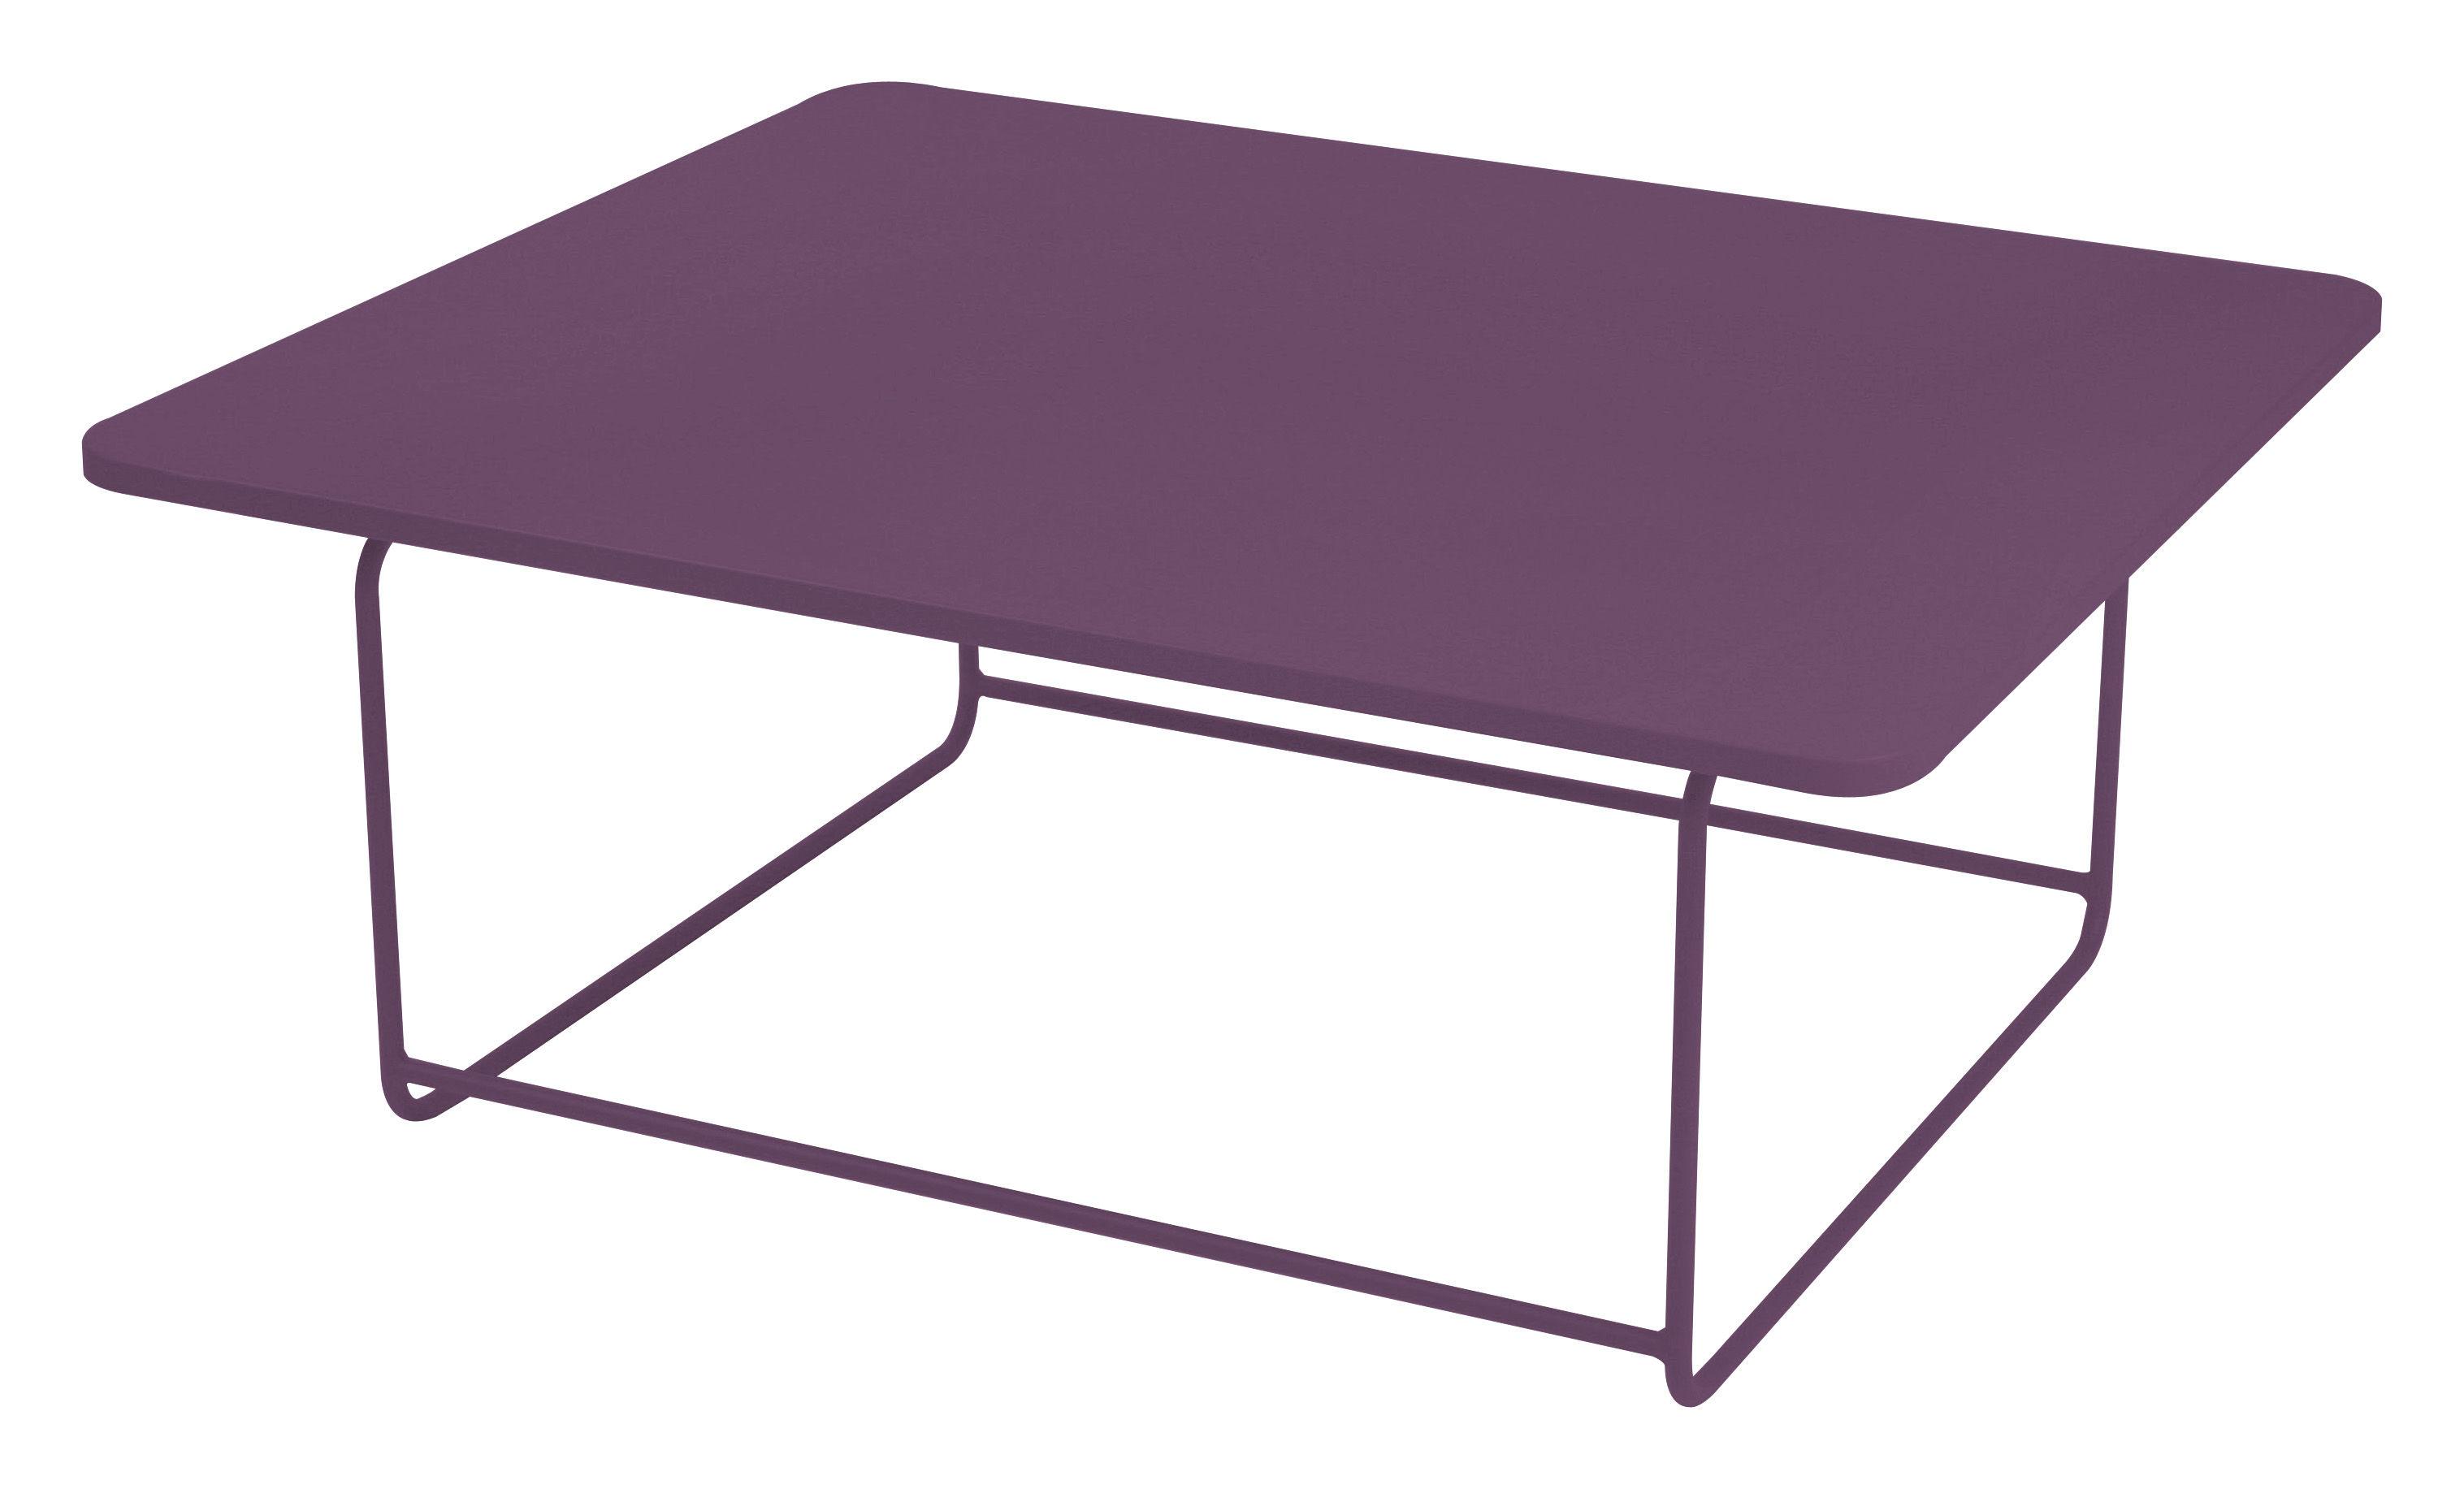 Möbel - Couchtische - Ellipse Couchtisch - Fermob - Aubergine - lackierter Stahl